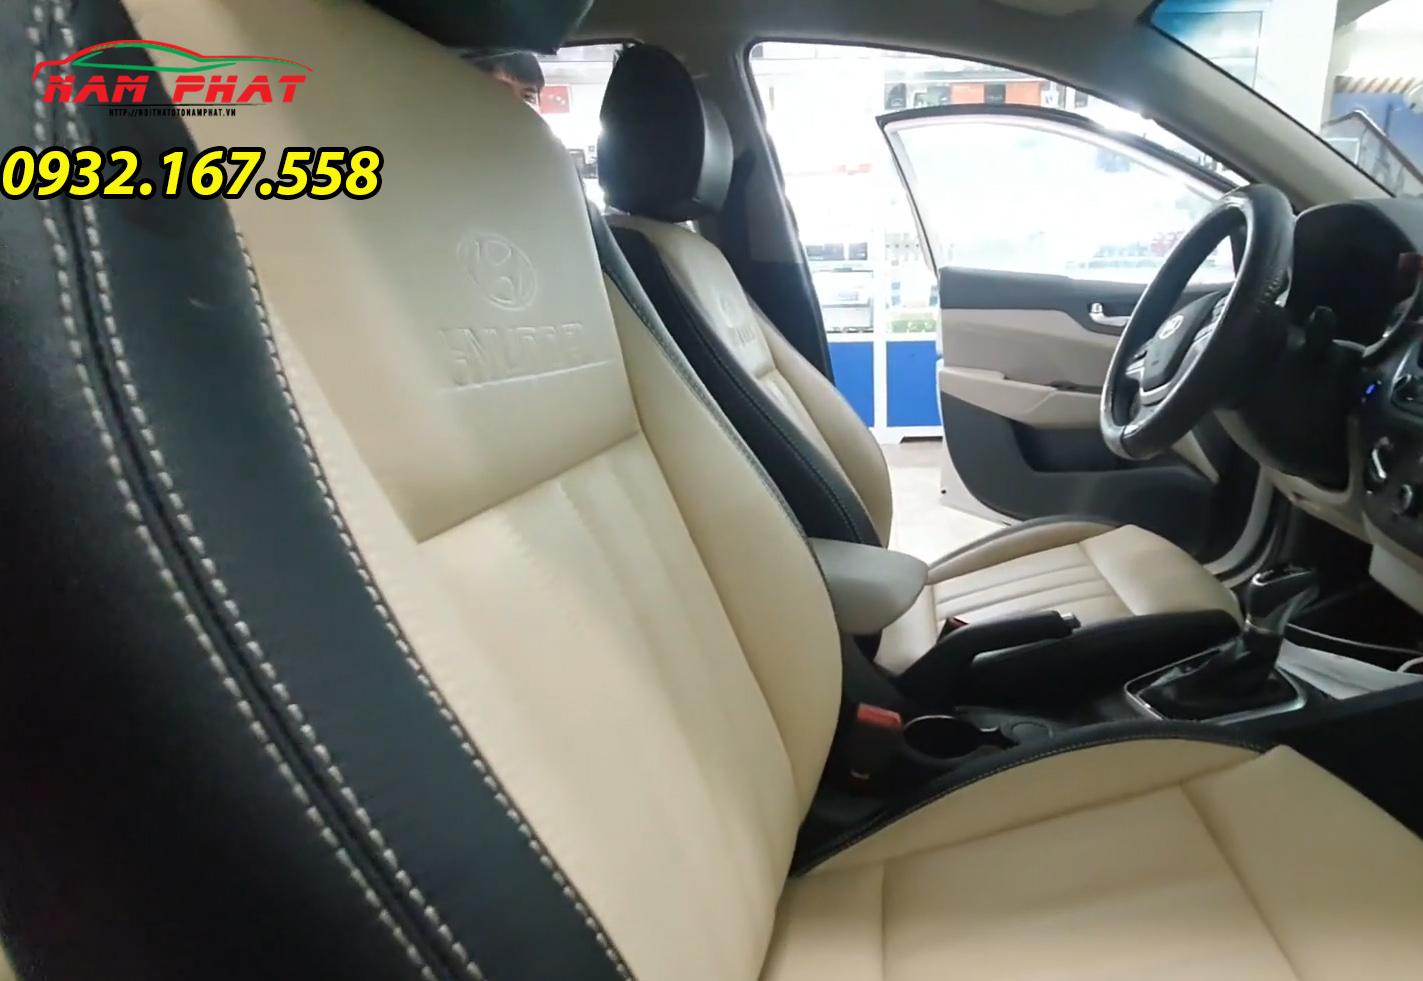 Thay ghế da Hyundai Accent